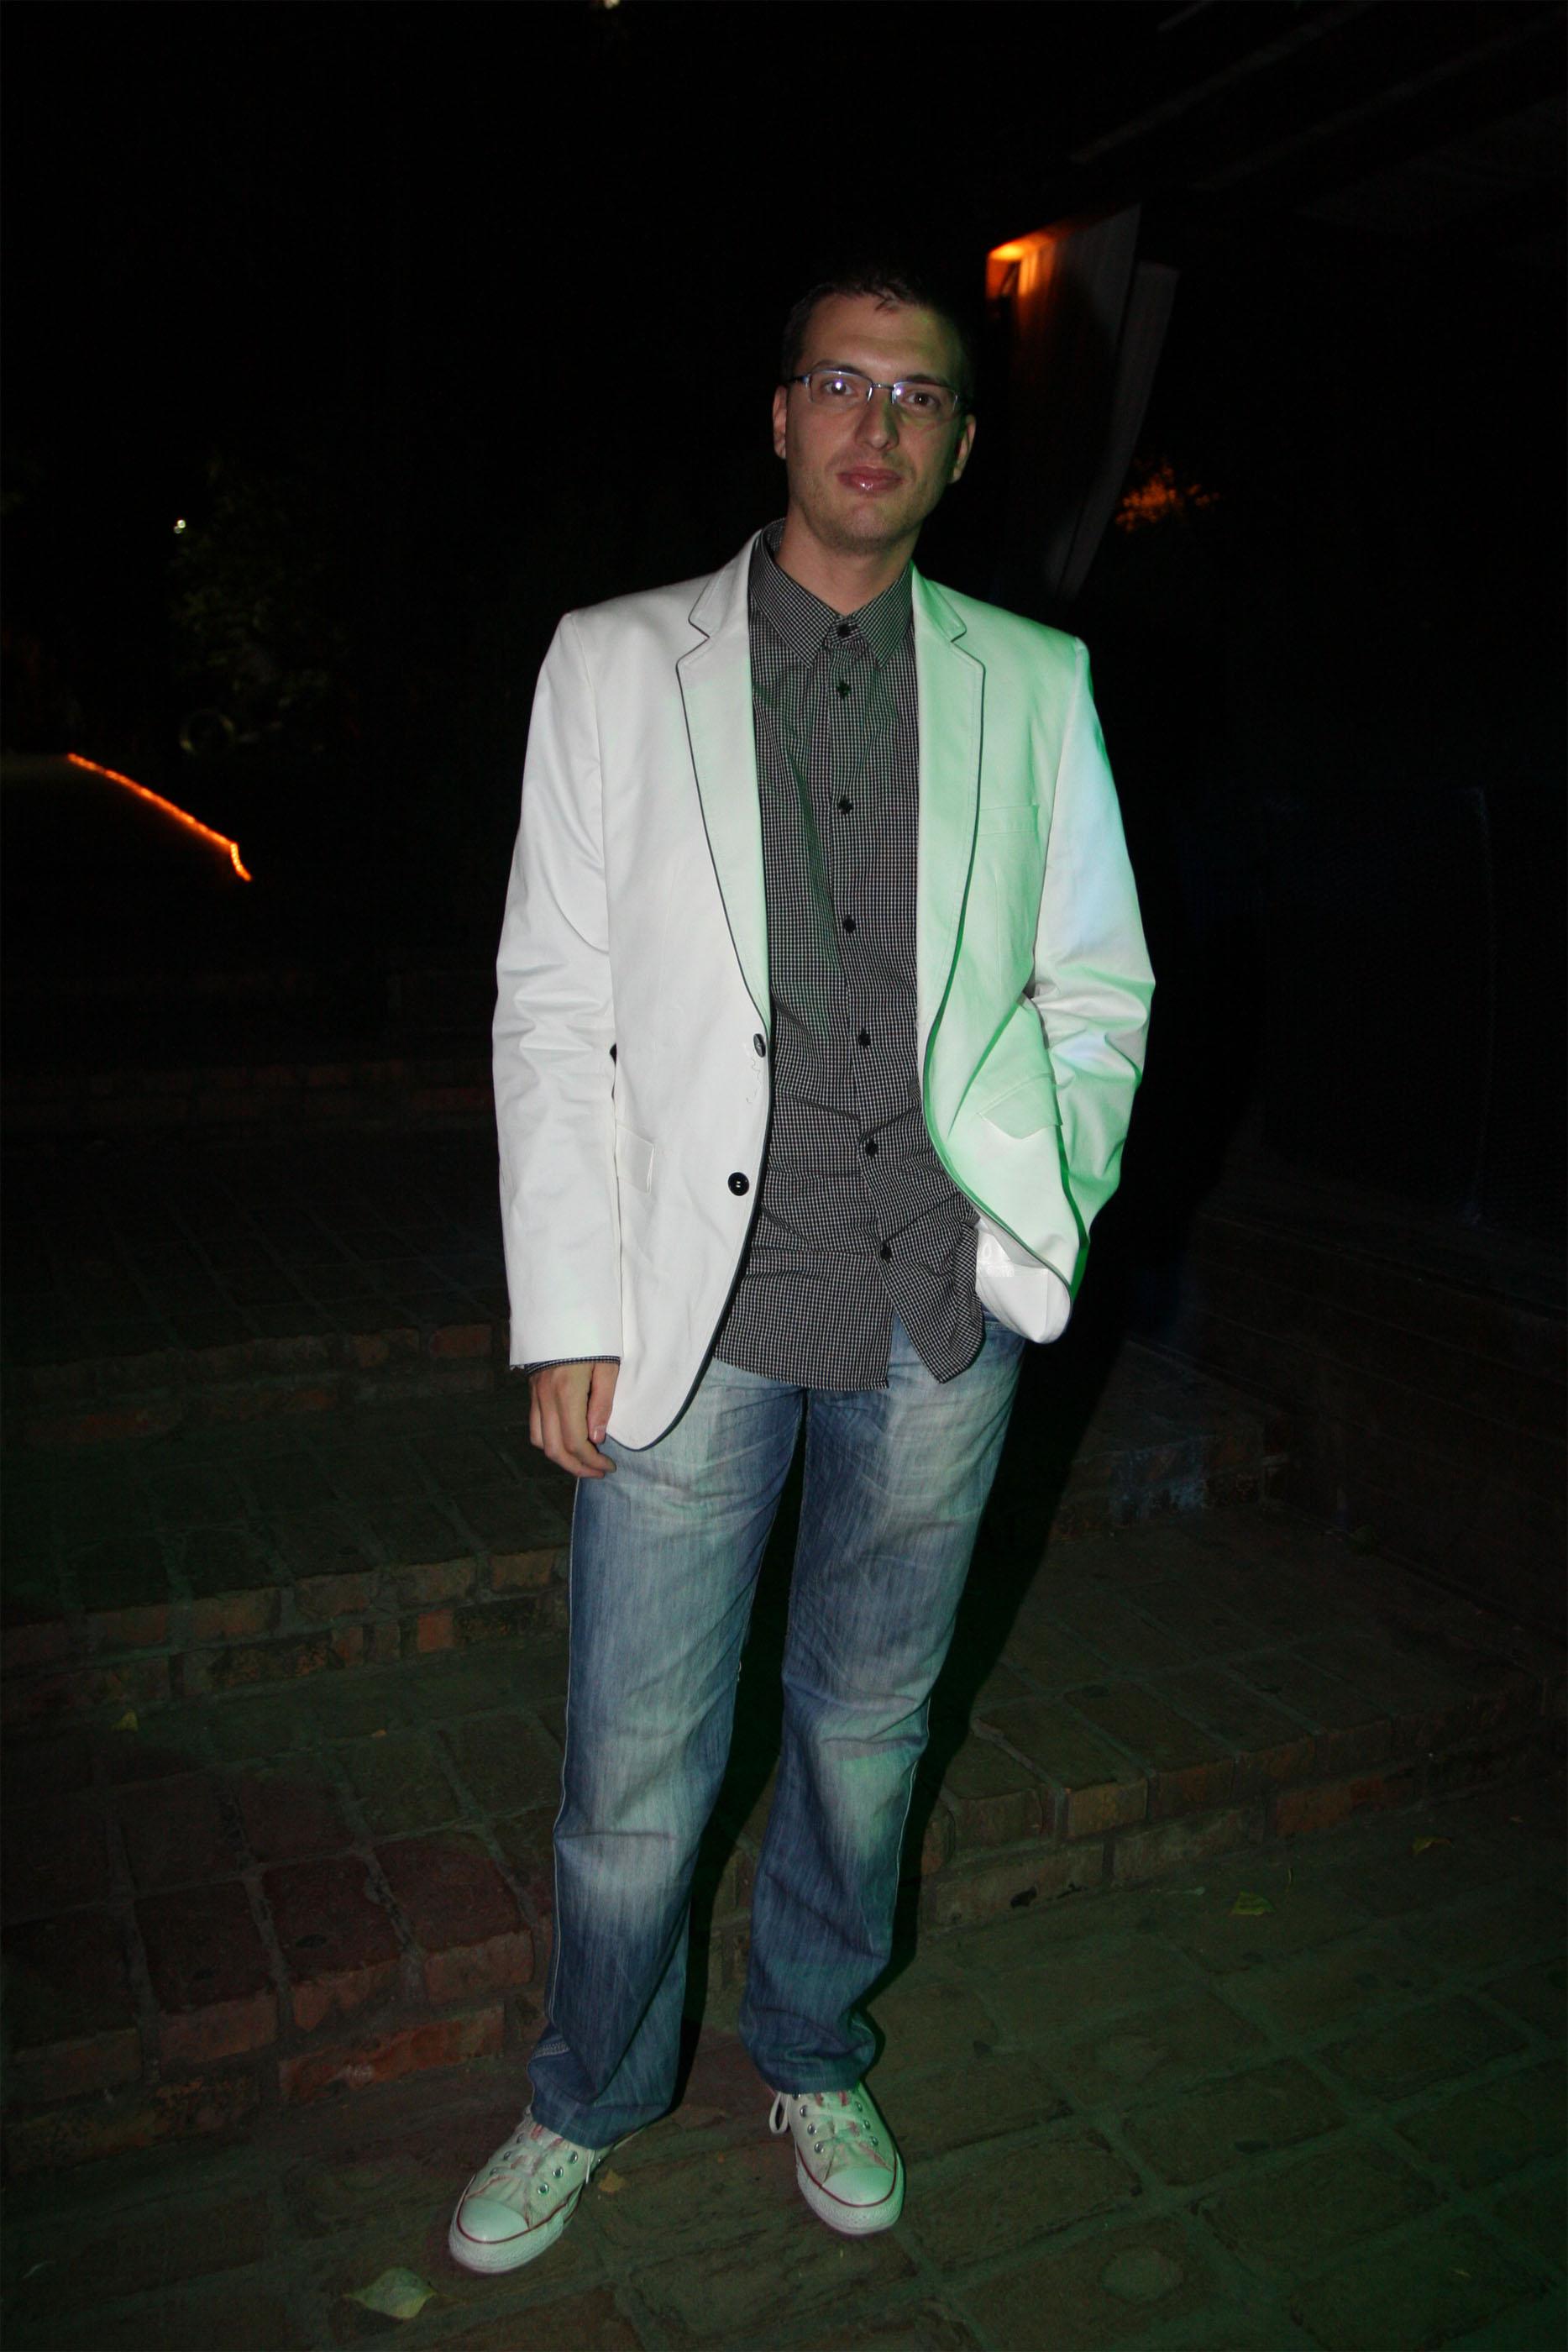 pedja alo Bio jednom jedan dečko, poznati srpski gej novinar i bloger